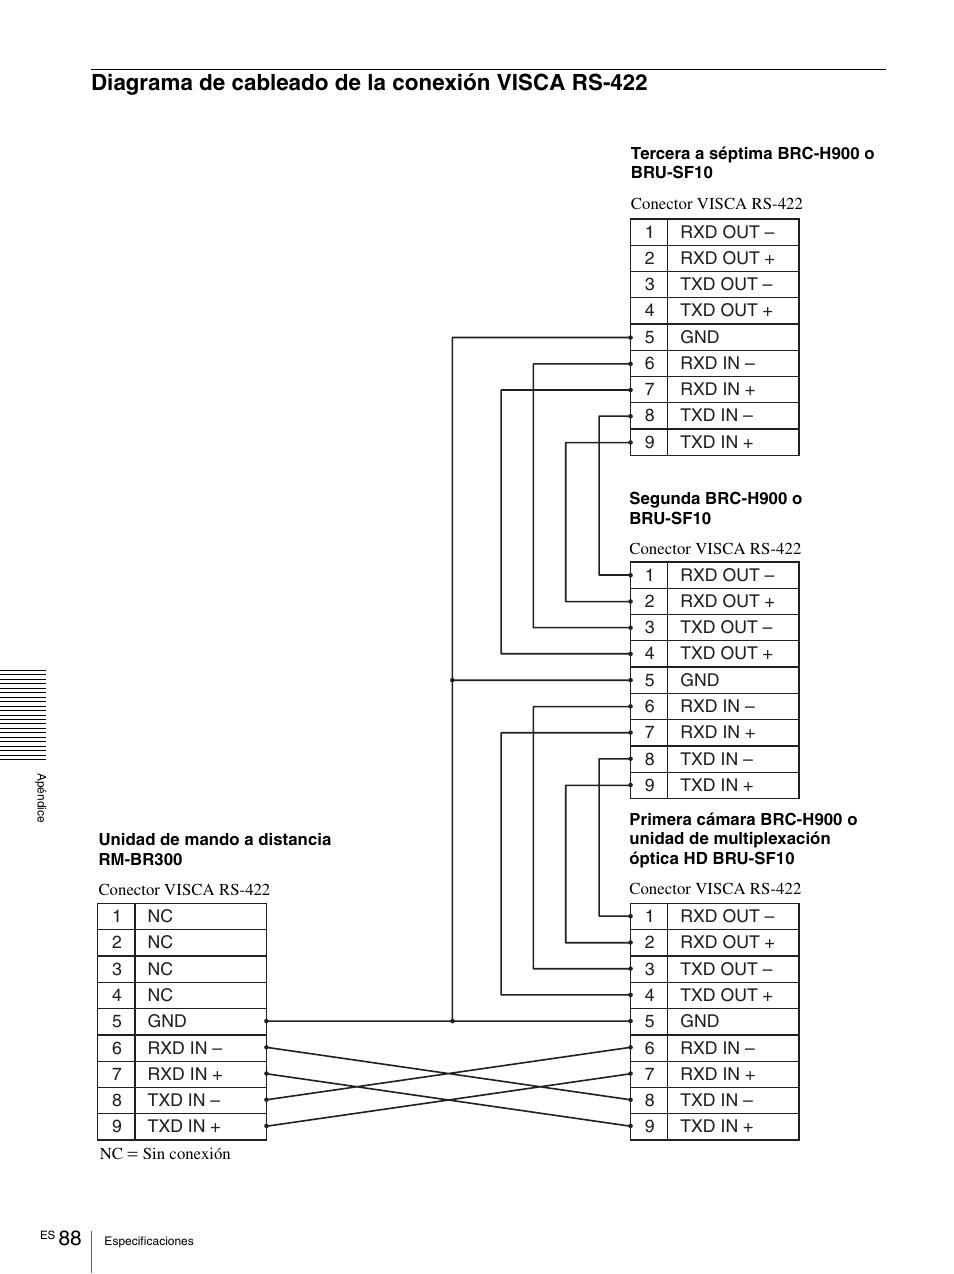 77 corvette diagrama de cableado